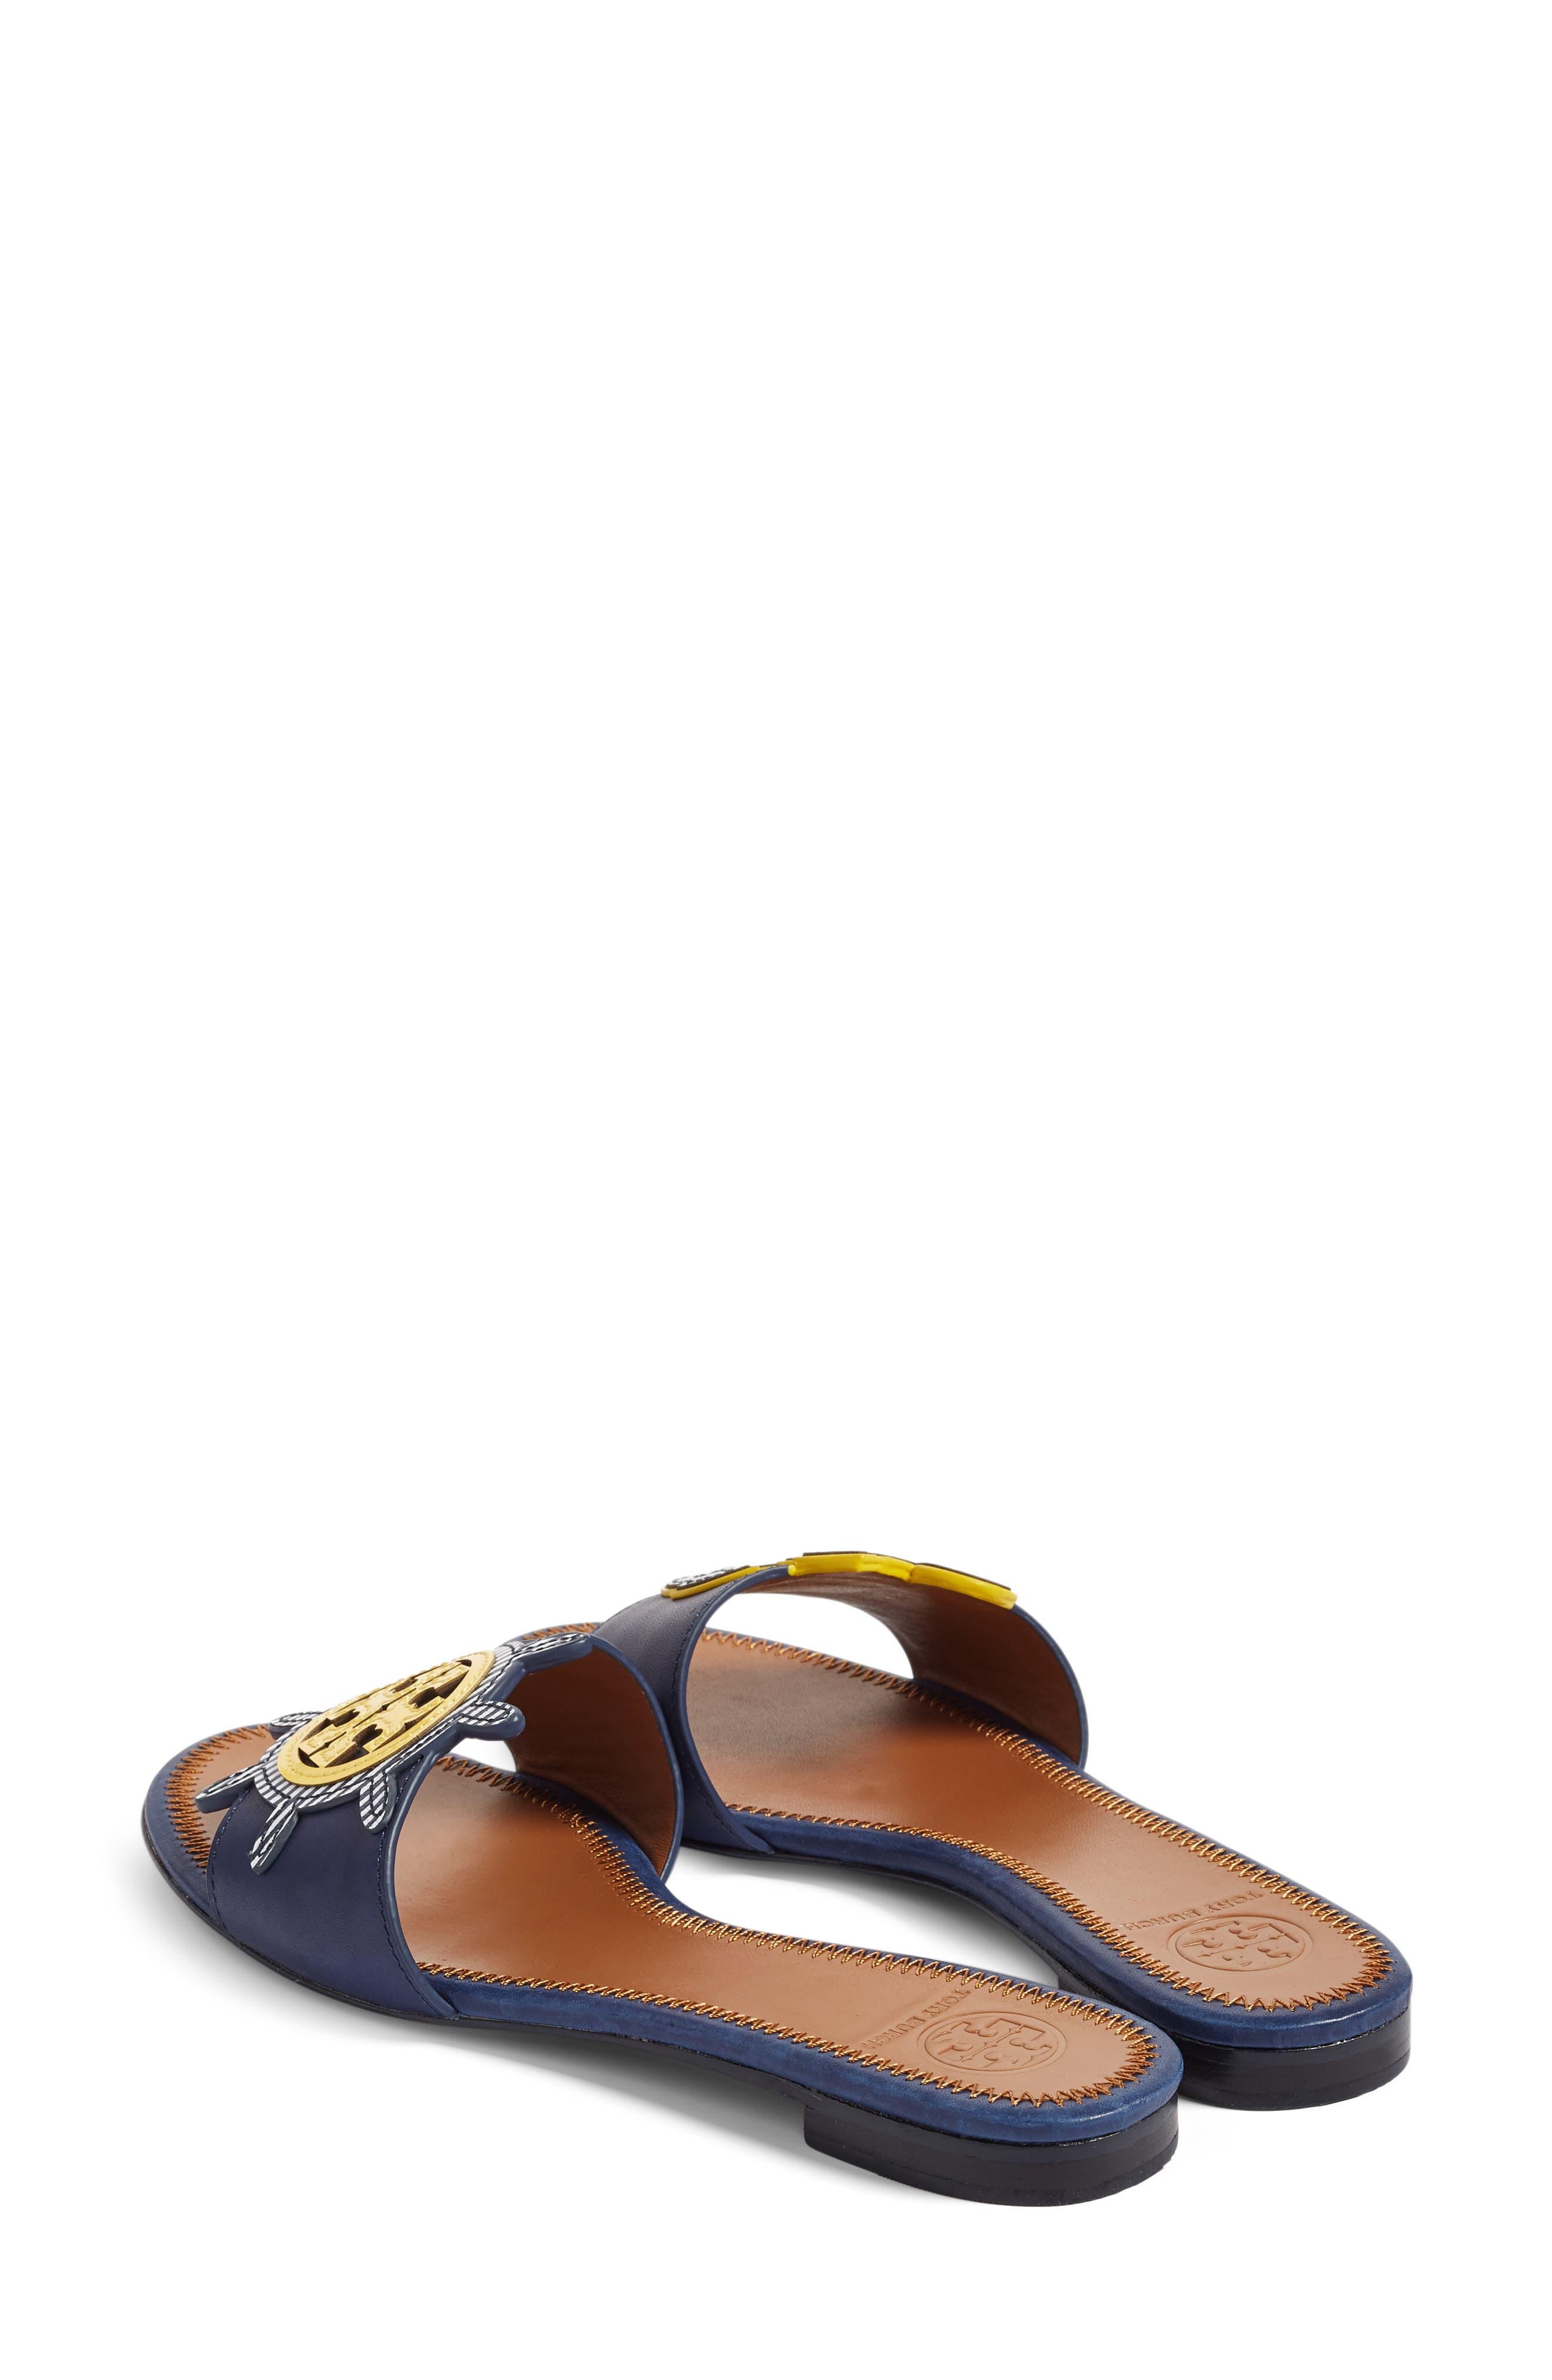 Alternate Image 2  - Tory Burch Maritime Slide Sandal (Women)